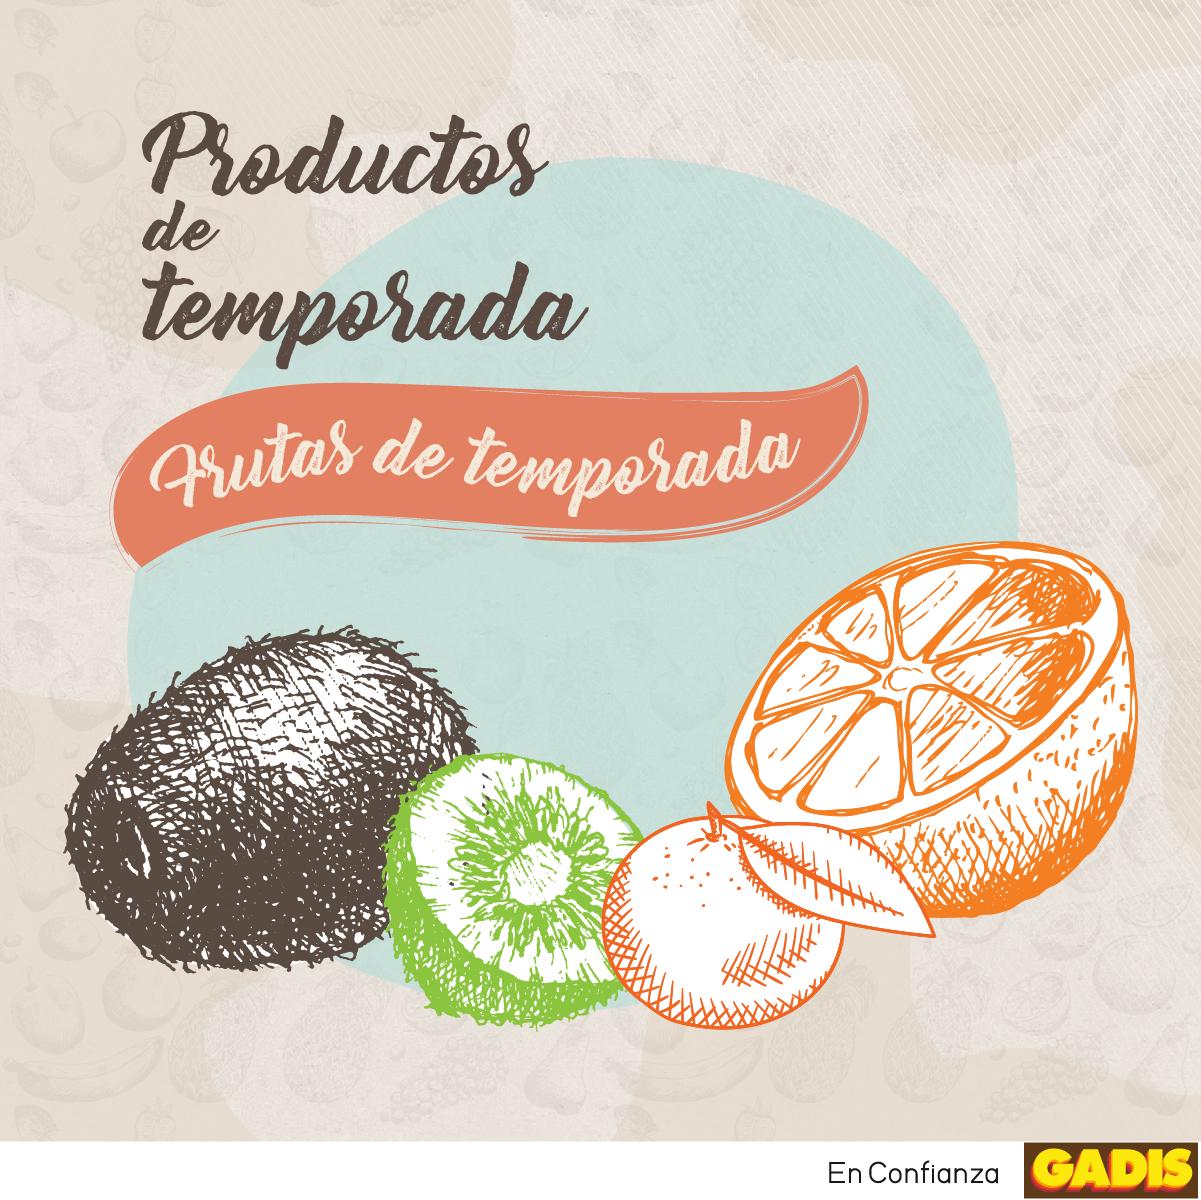 Â¡Descubre las frutas de temporada!